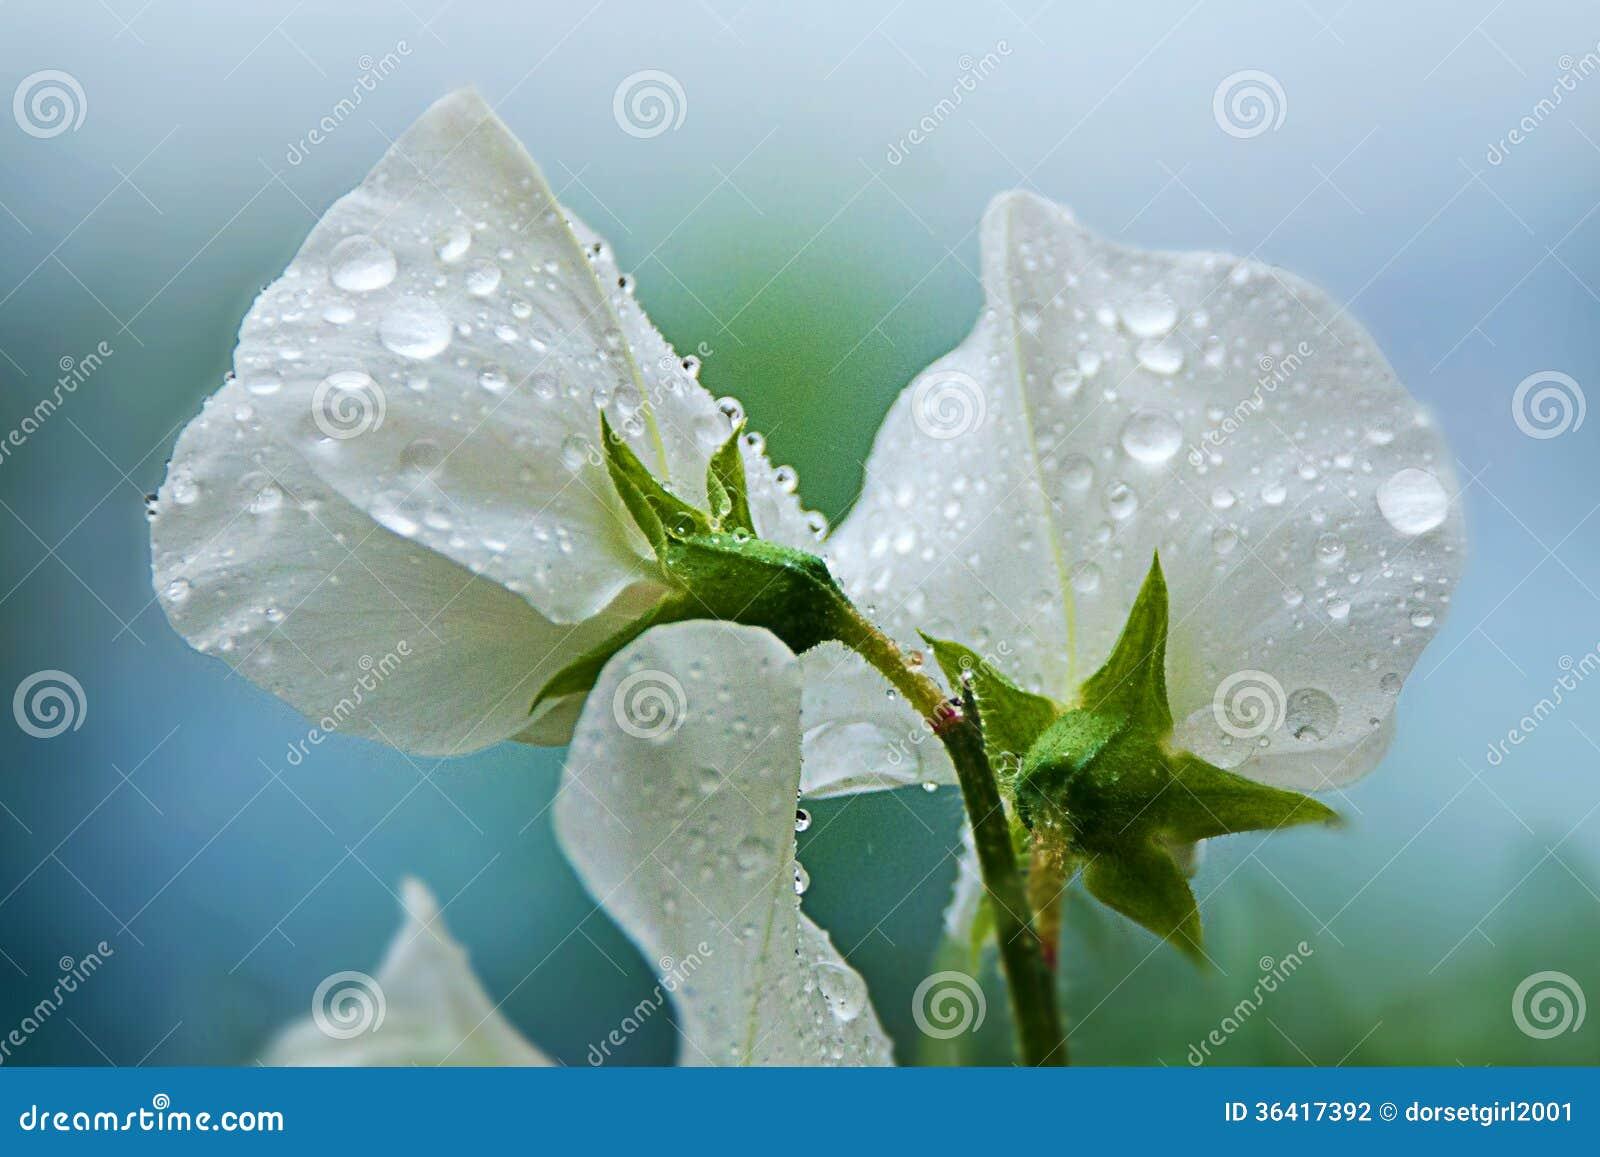 Deszcz Na Słodkich grochach